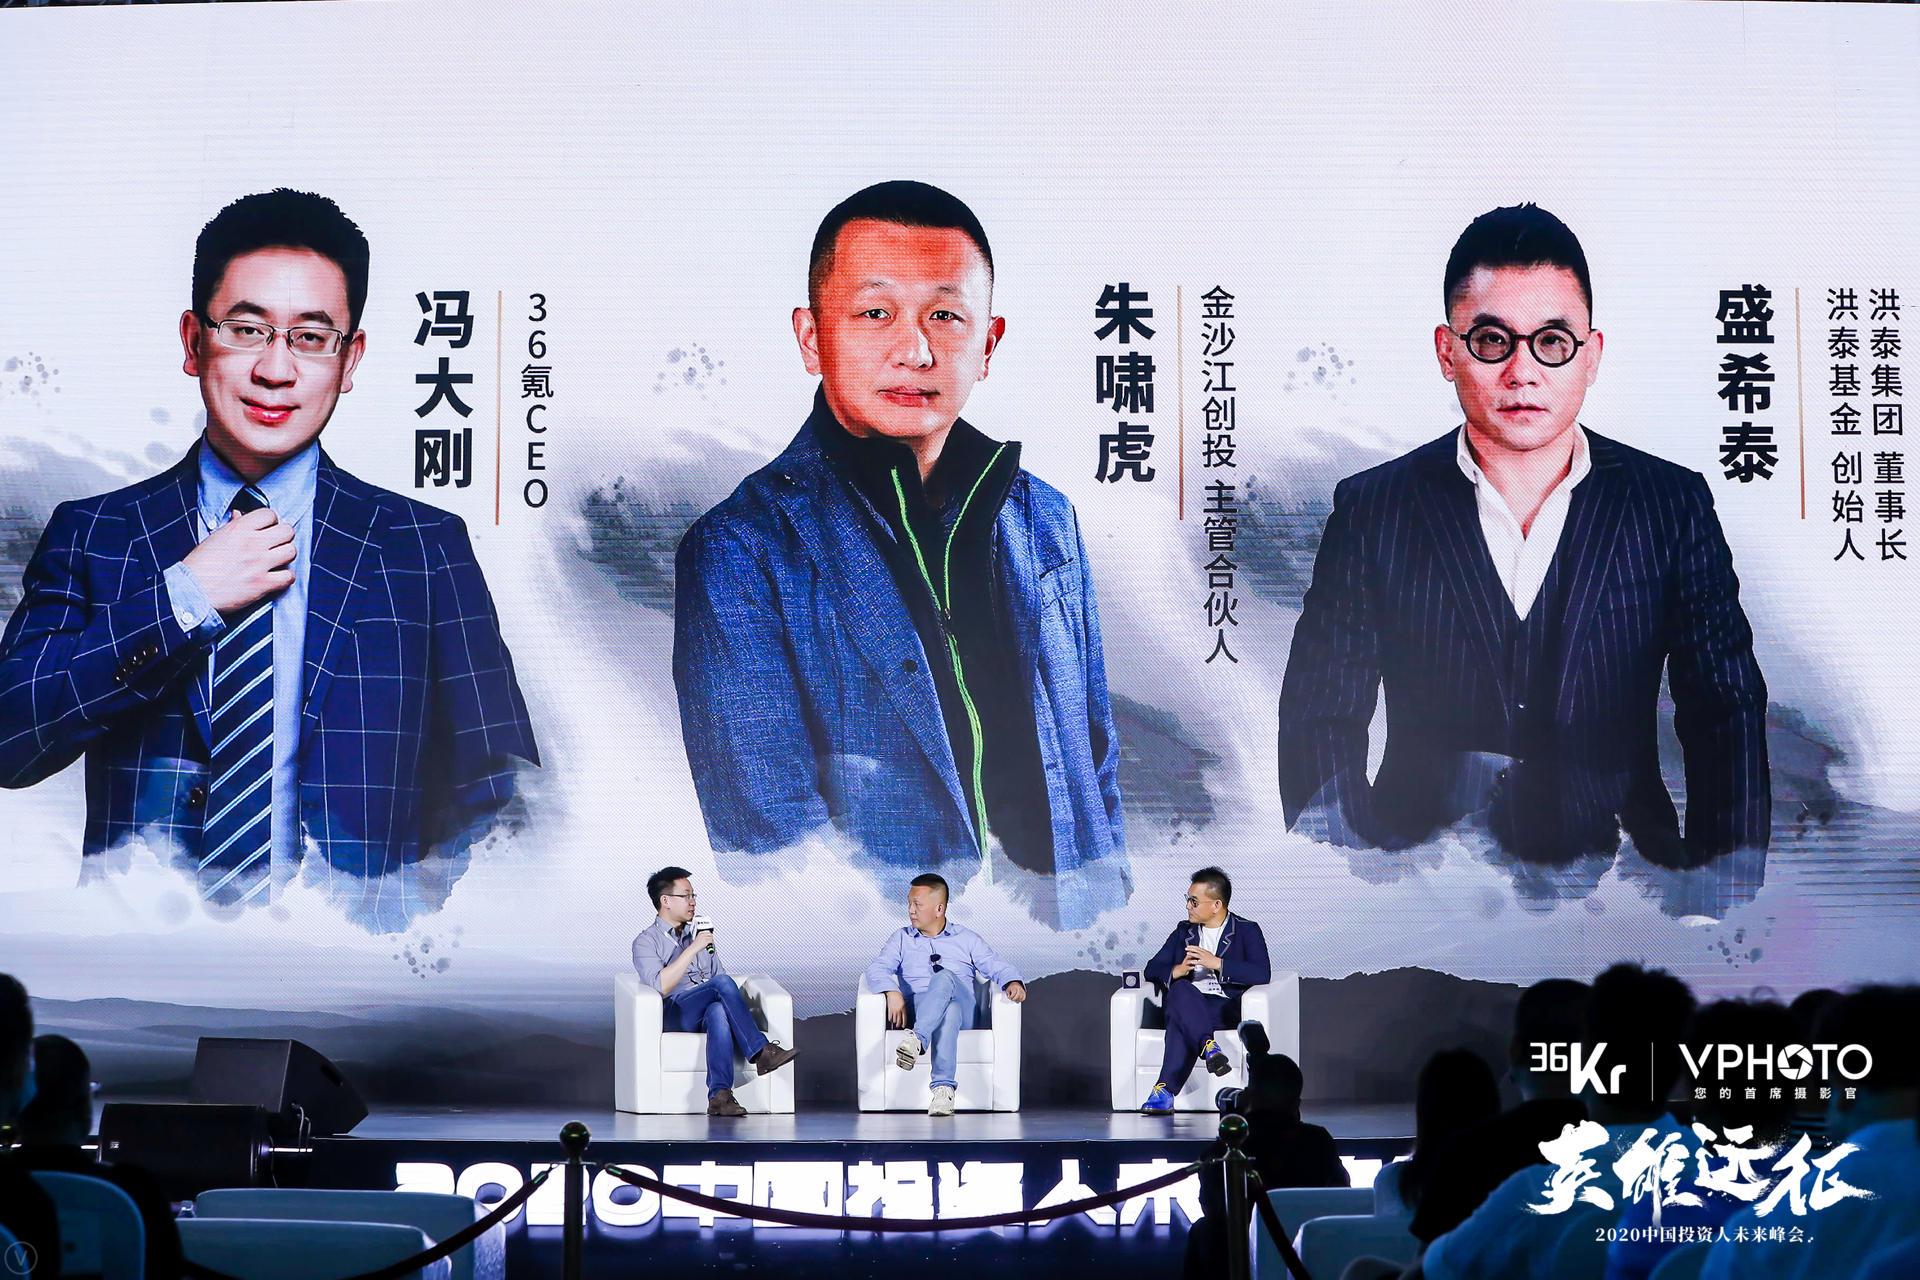 飞跃「天鹅湖」投资人携手创业者的一场硬战 | 2020中国投资人未来峰会